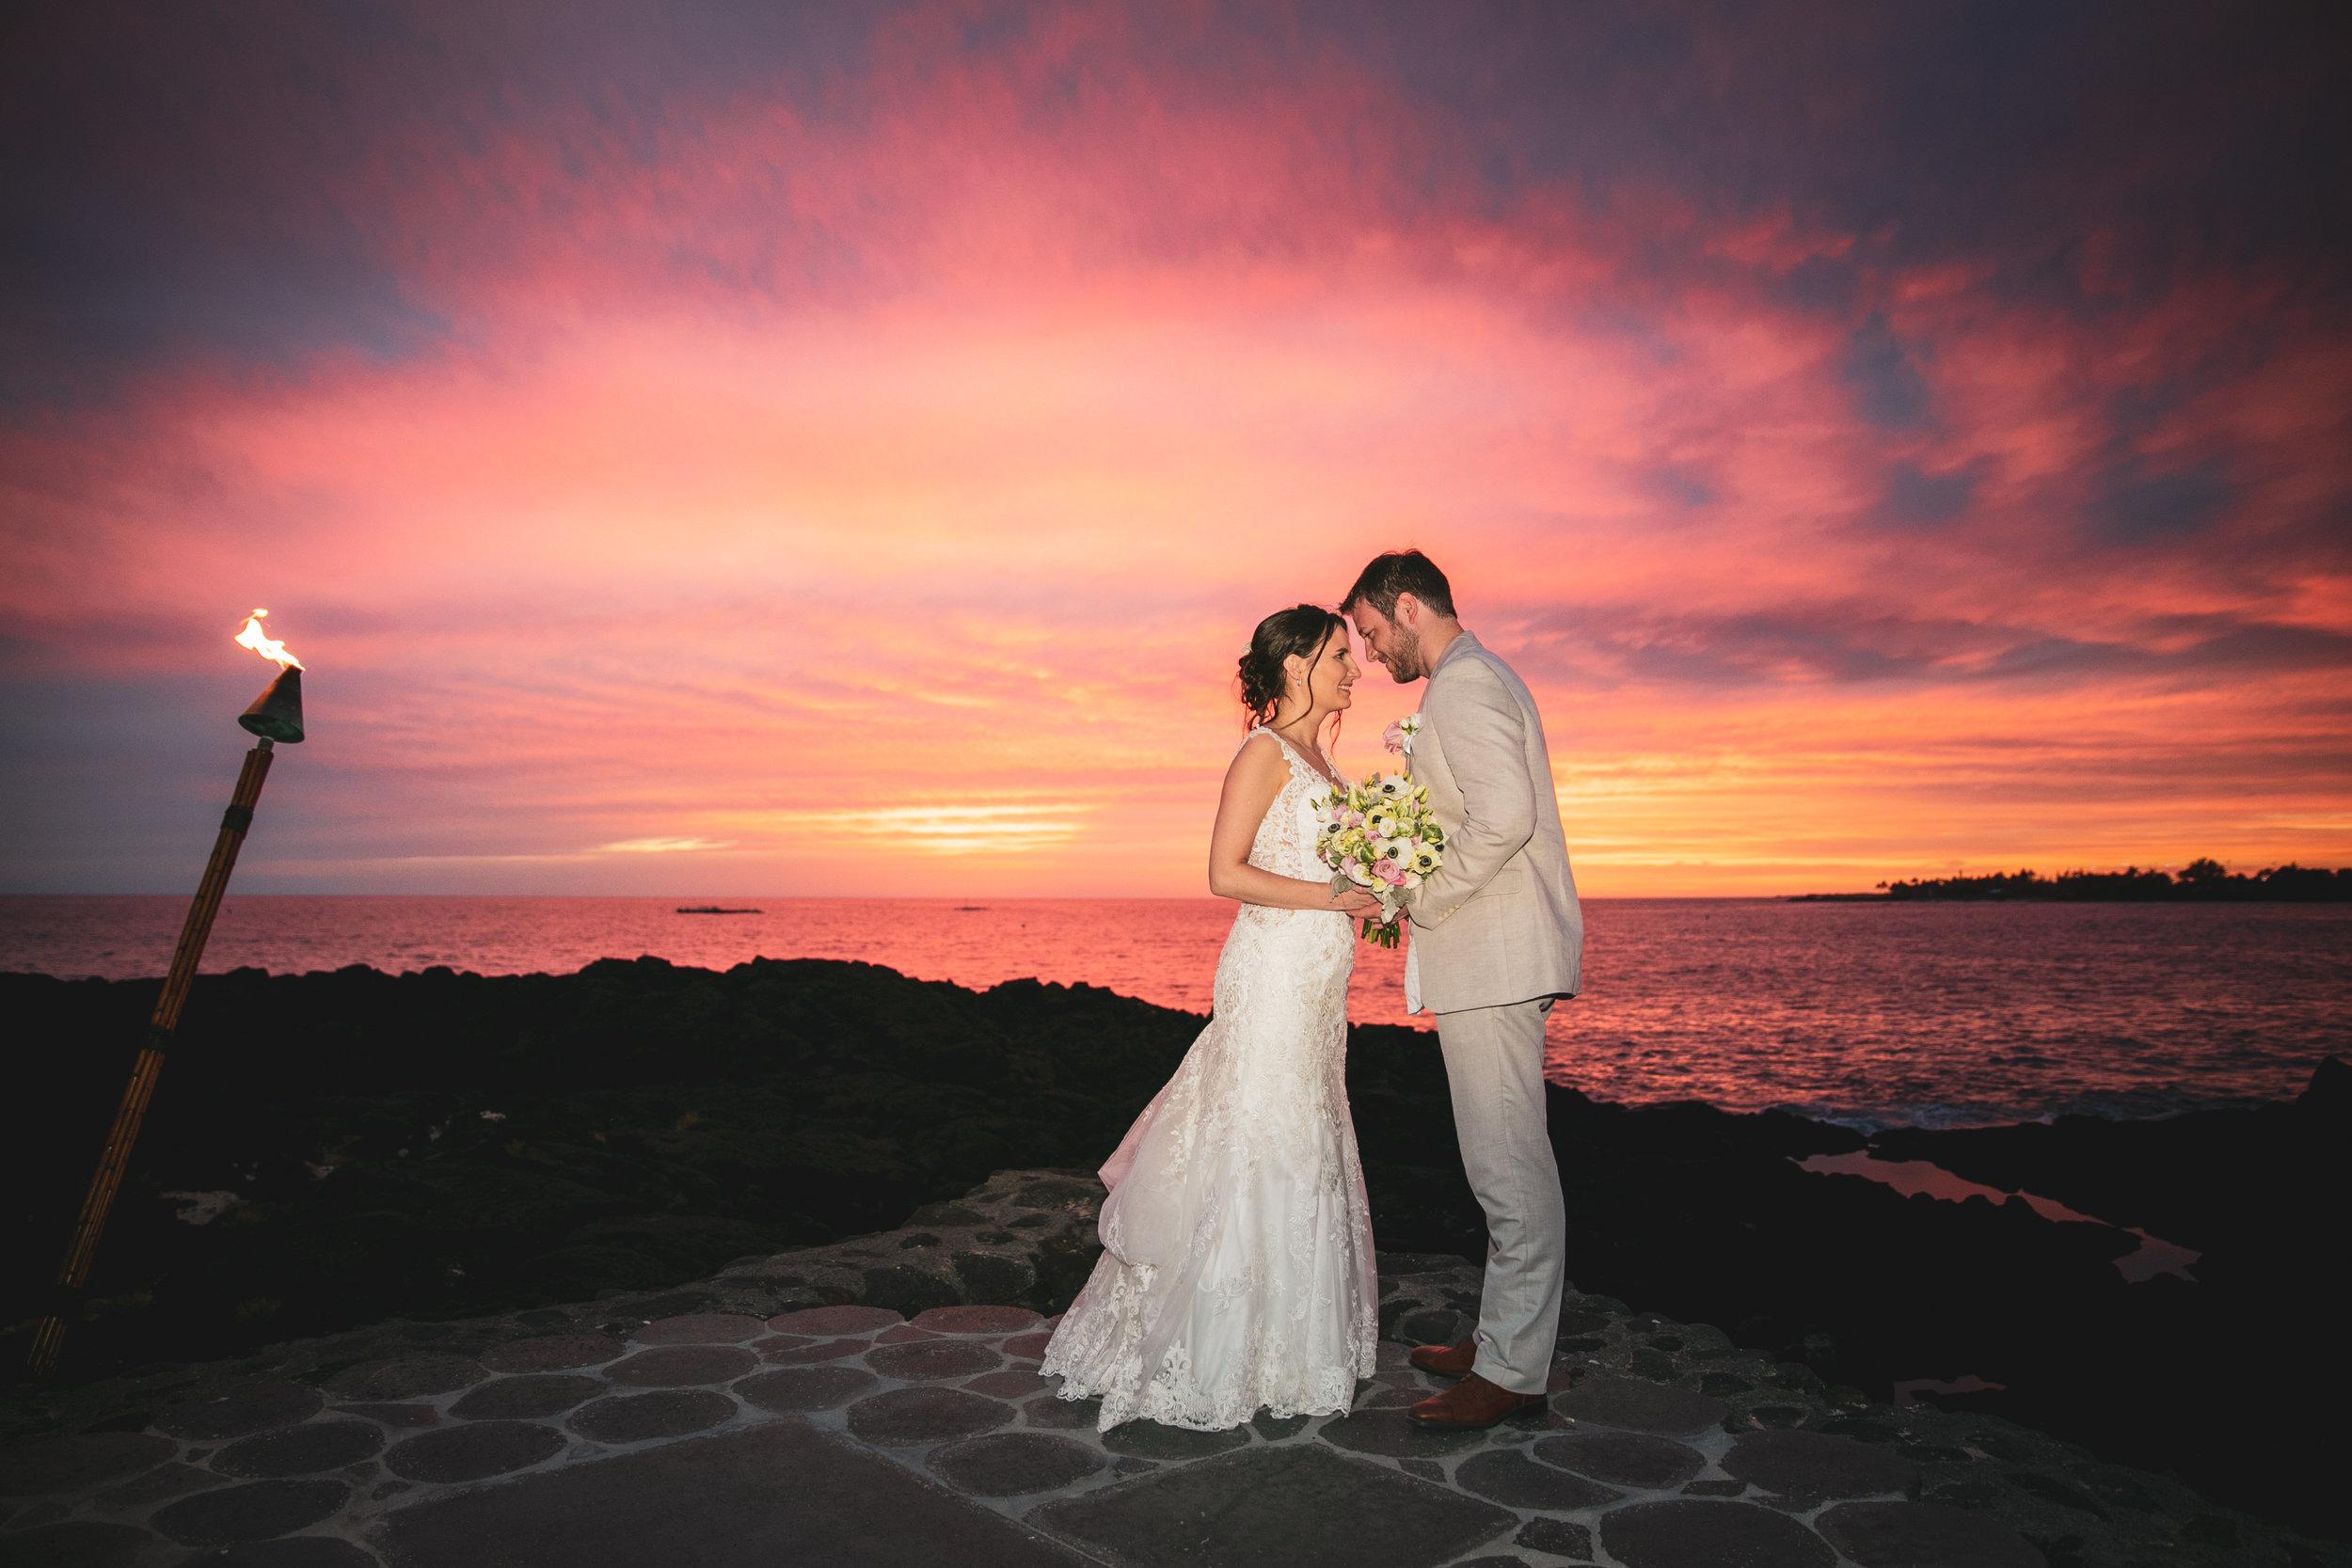 big island hawaii royal kona resort wedding kelilina photography 20190309184503-1.jpg